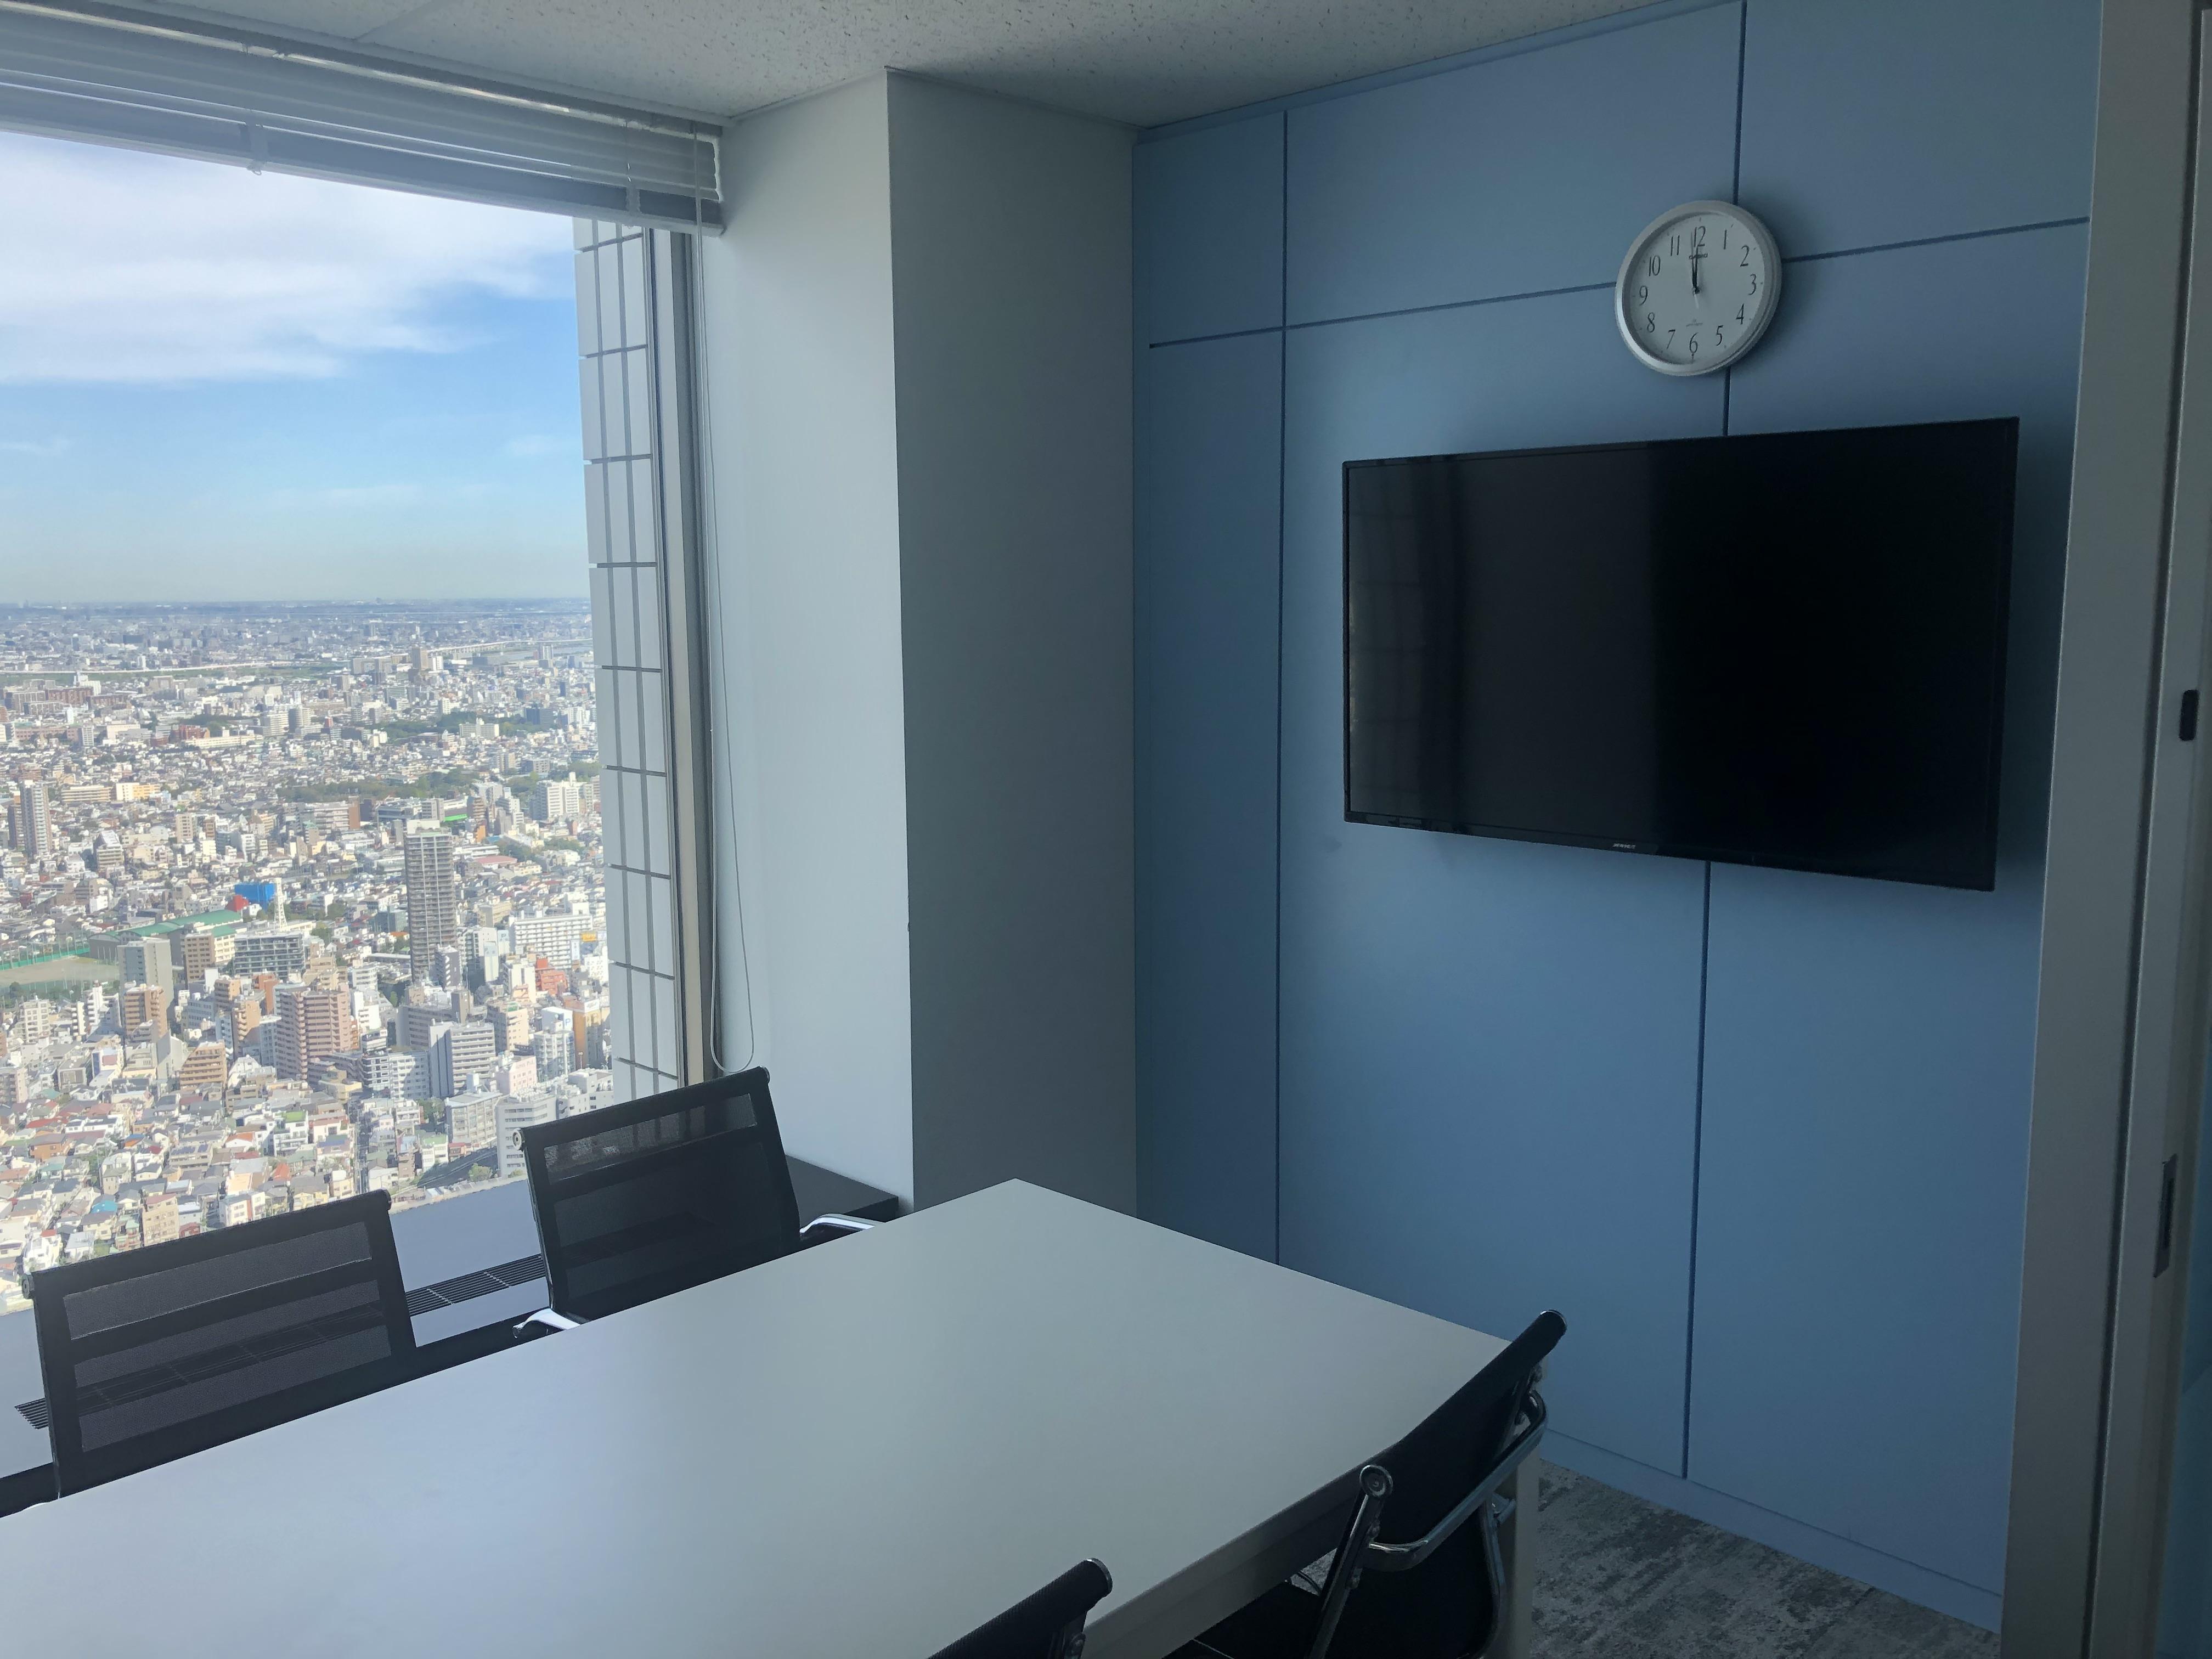 東京を見渡すオフィス